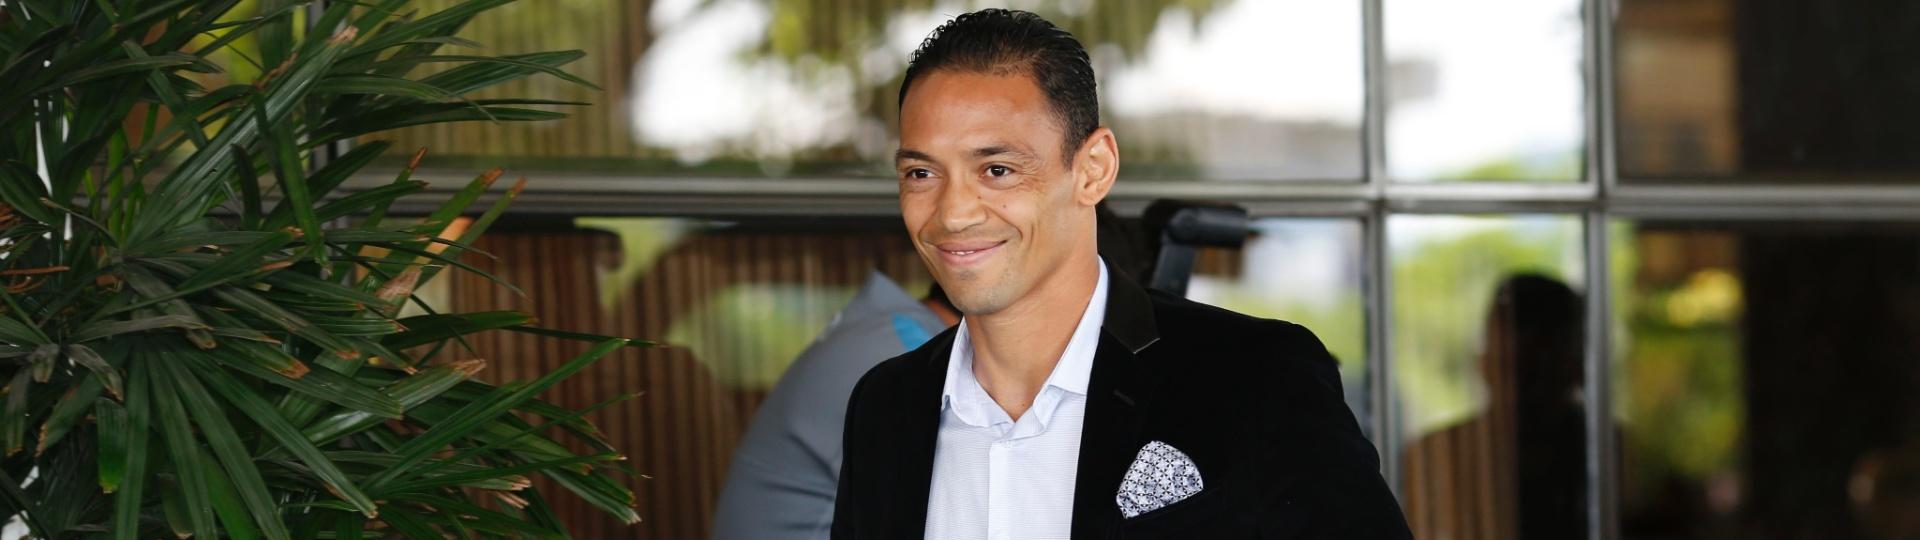 Ricardo Oliveira se apresenta à seleção brasileira nesta segunda-feira, em São Paulo